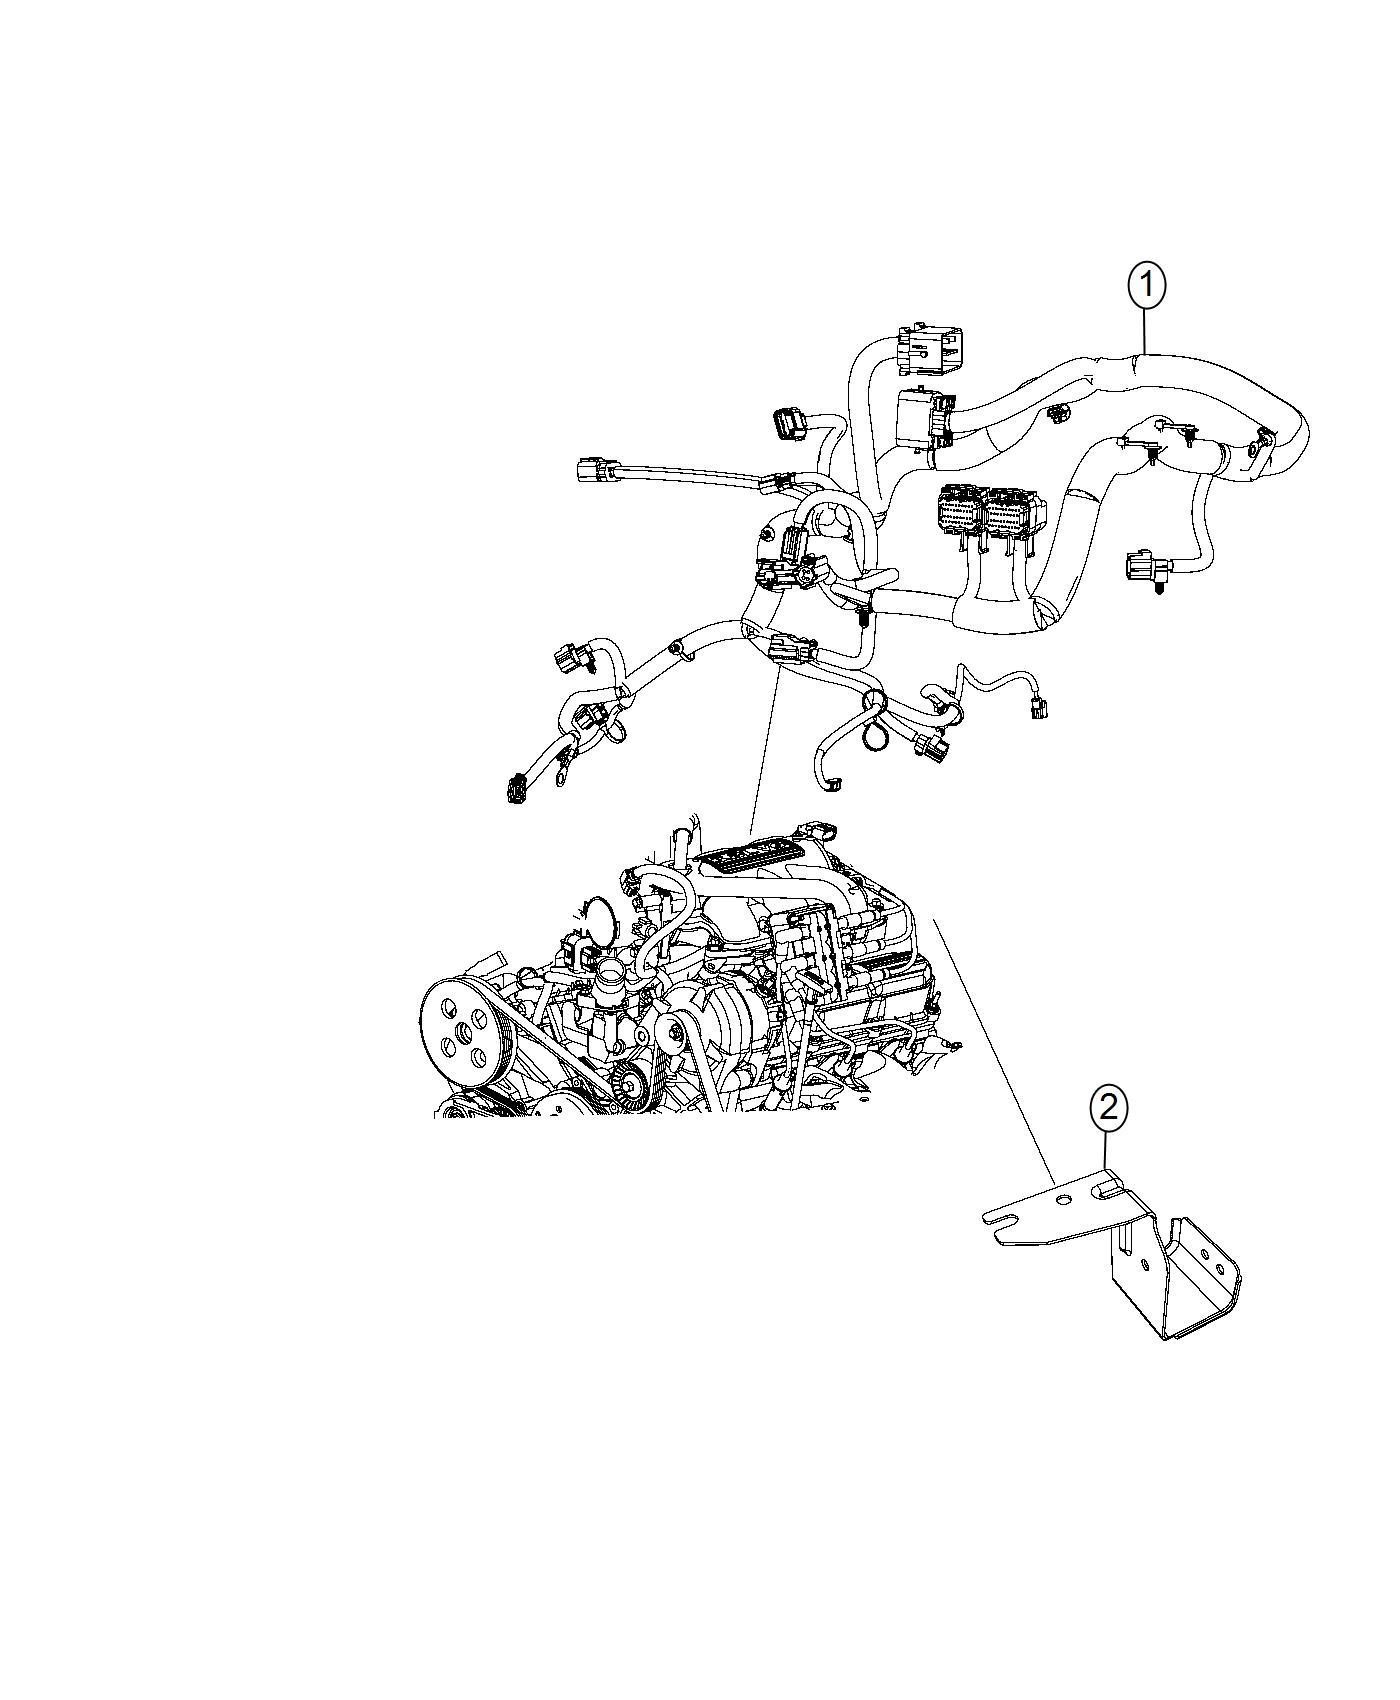 Chevy Traverse Parts Diagram